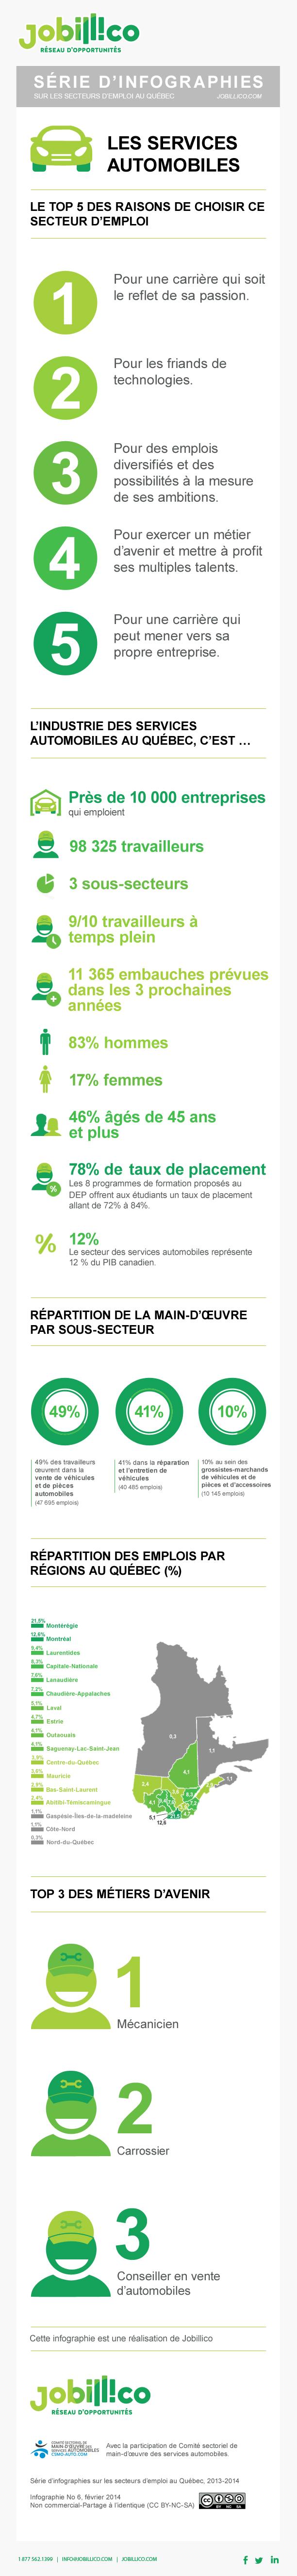 Infographie représentant les chiffres de l'emploi du secteur des services automobiles au Québec